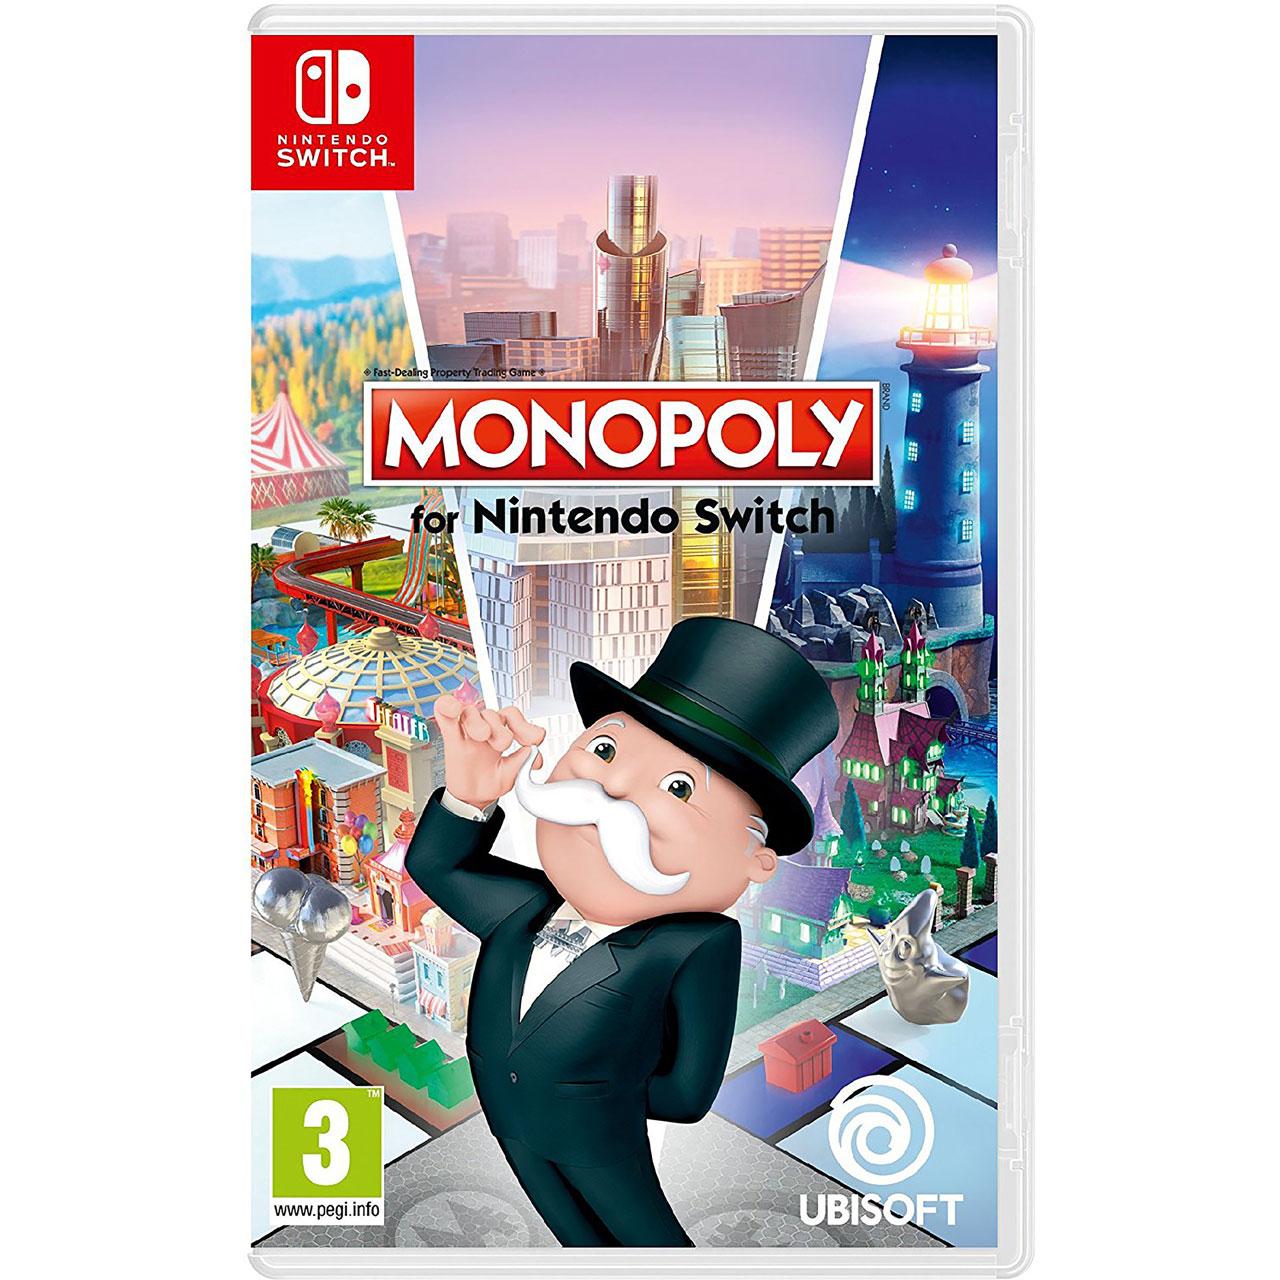 Monopoly (Nintendo Switch) £20 @ AO.com